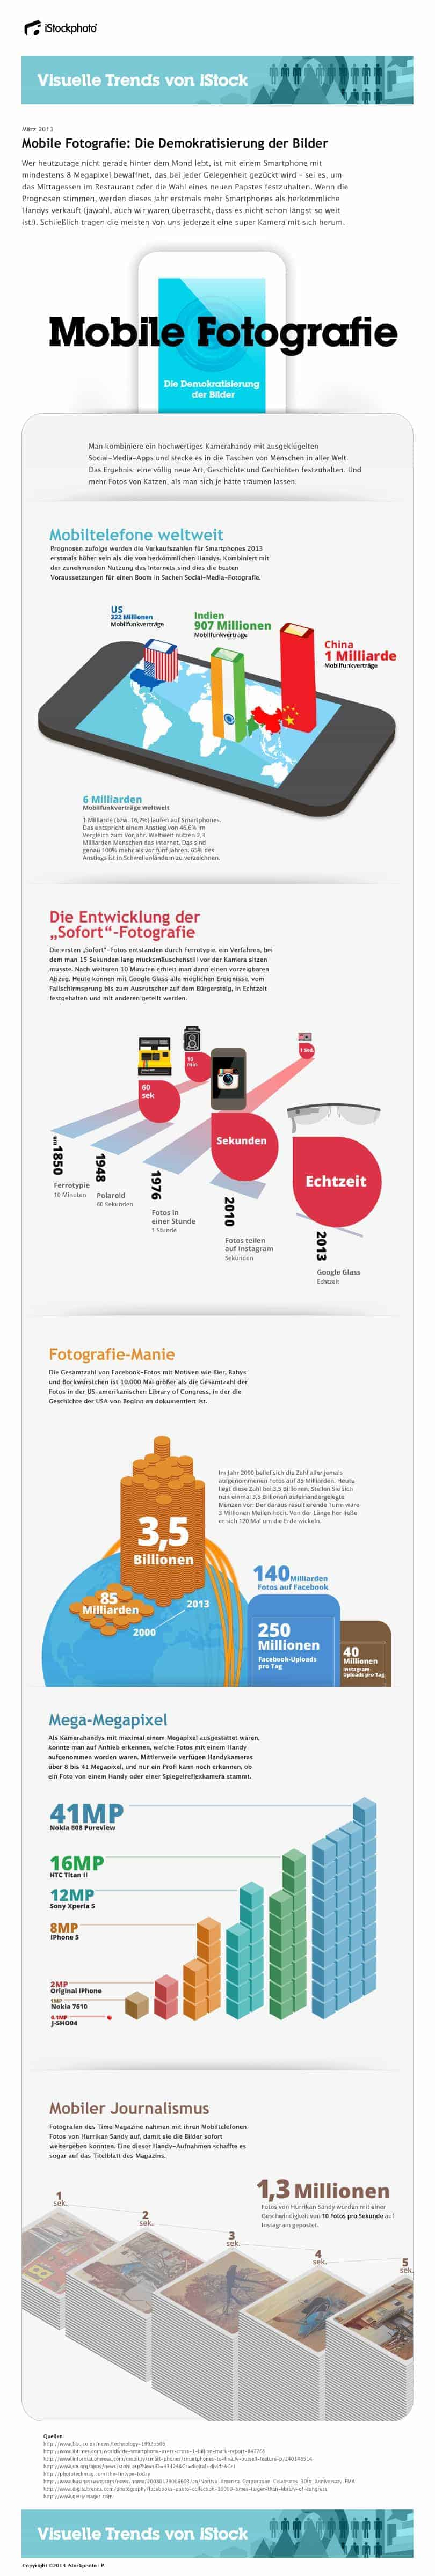 Infografik Mobile Fotografie: Die Demokratisierung der Bilder